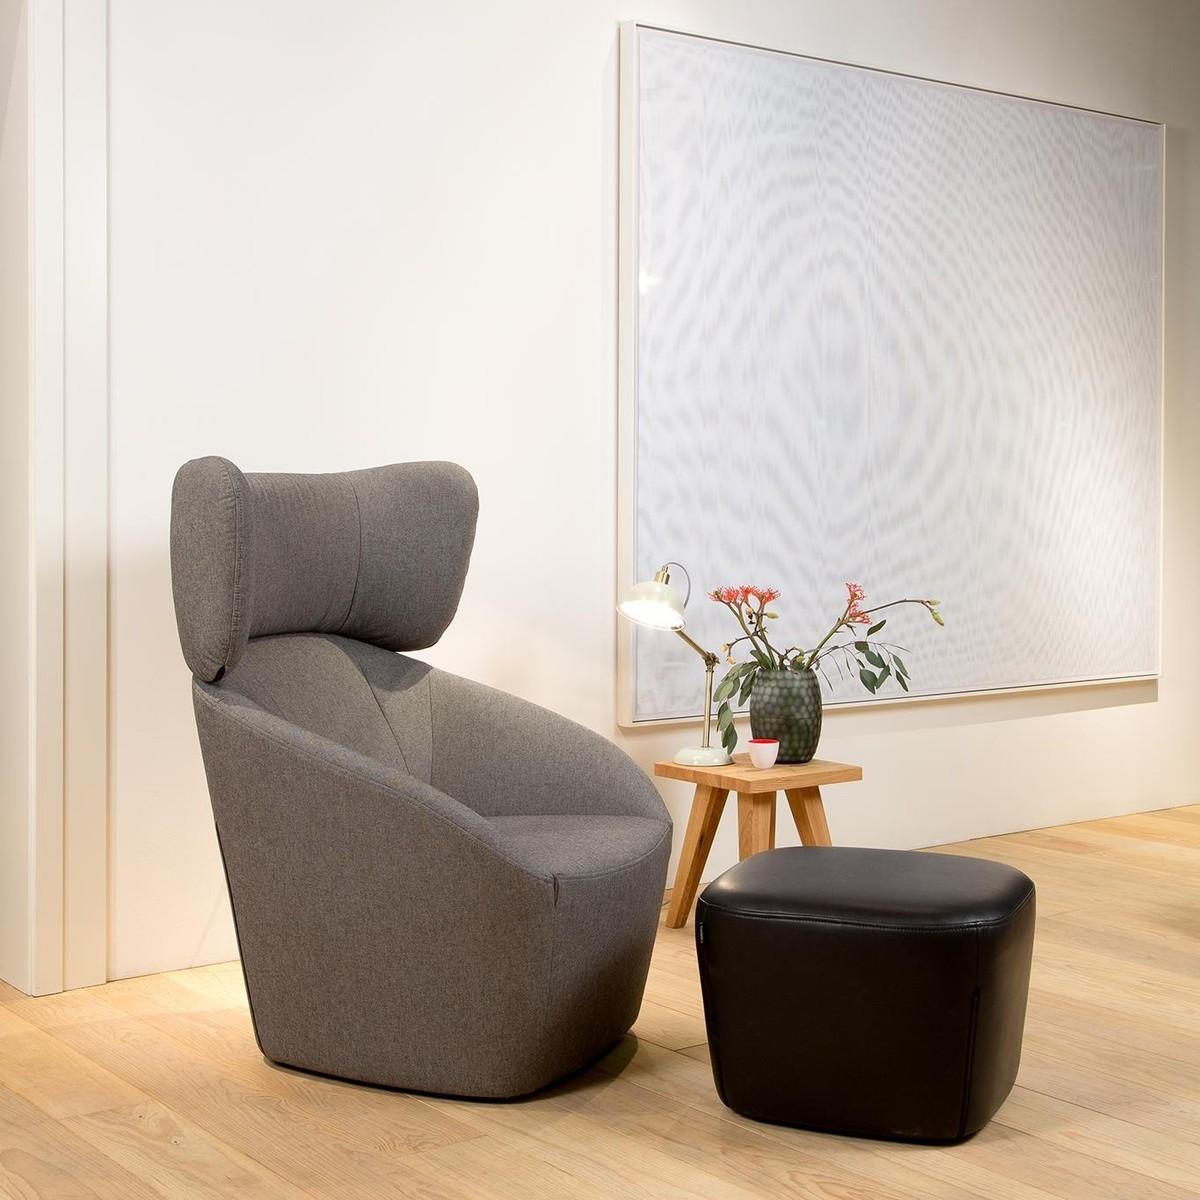 kopfsttze fr sessel affordable weiter with kopfsttze fr sessel elegant extrahohe rckenlehne. Black Bedroom Furniture Sets. Home Design Ideas